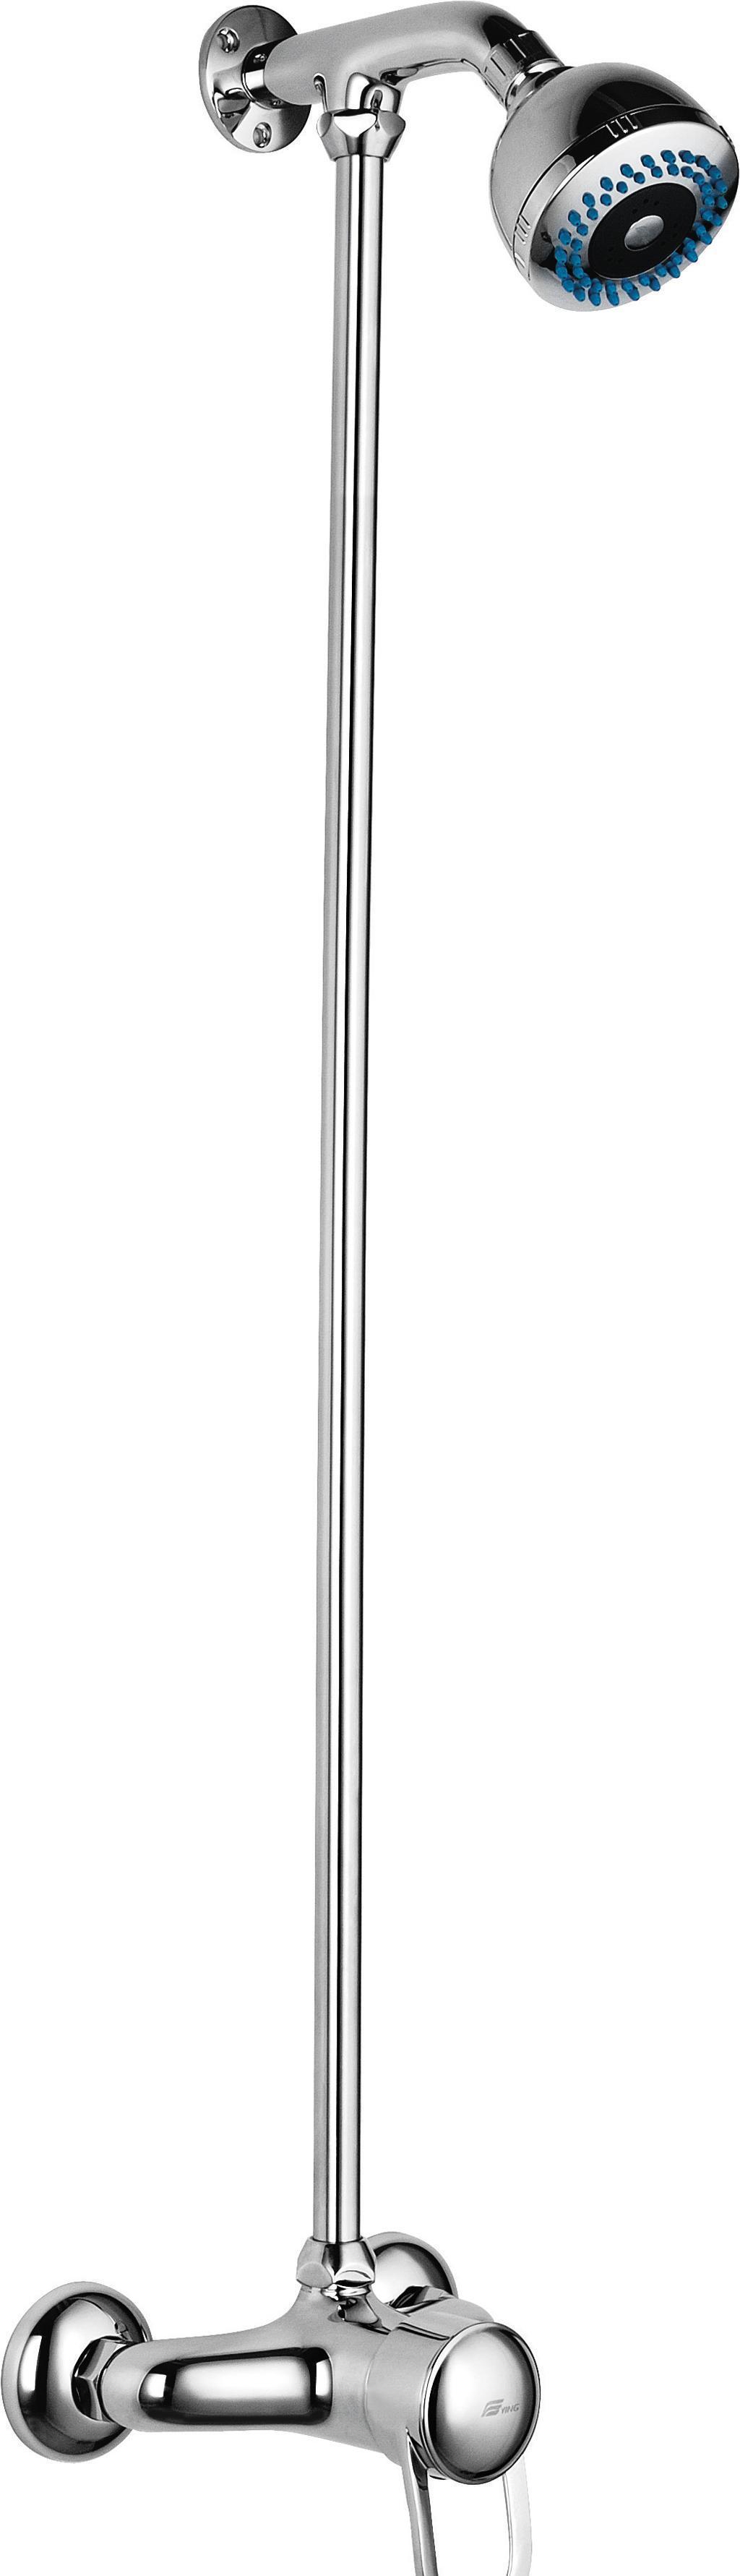 鹰卫浴淋浴柱EB-32501001EB-32501001